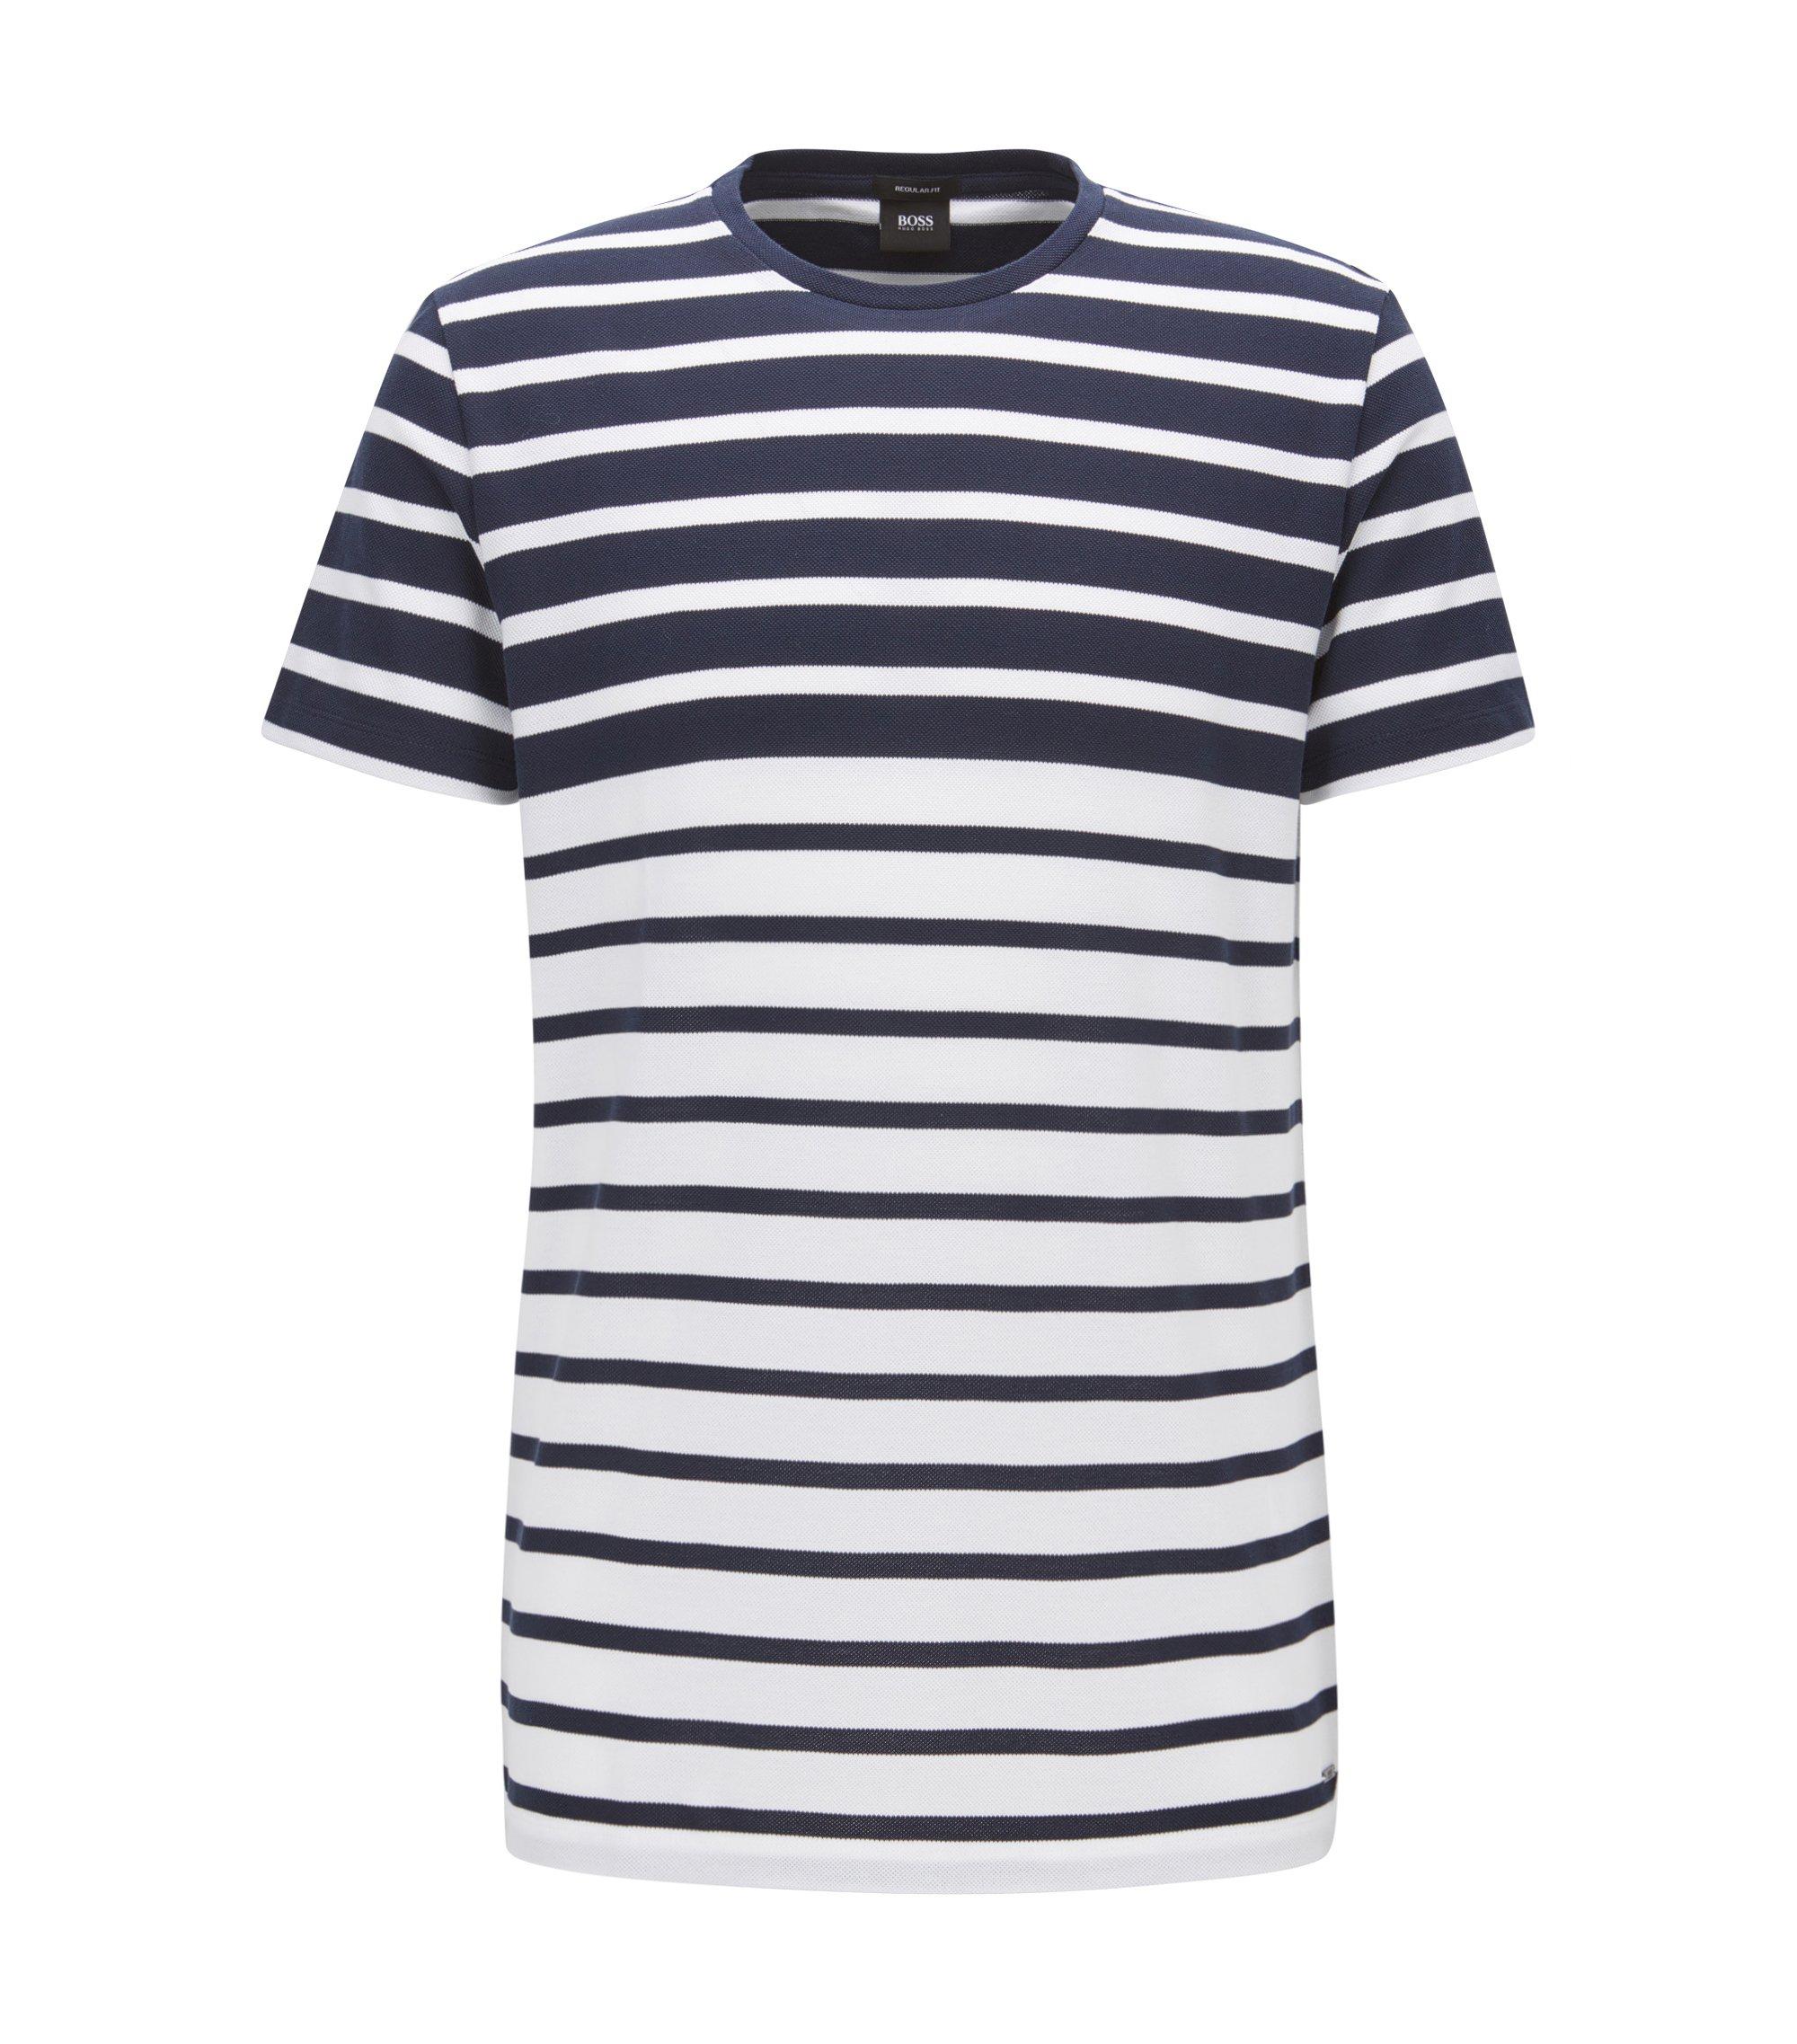 Gestreiftes Regular-Fit T-Shirt aus Baumwoll-Piqué, Dunkelblau